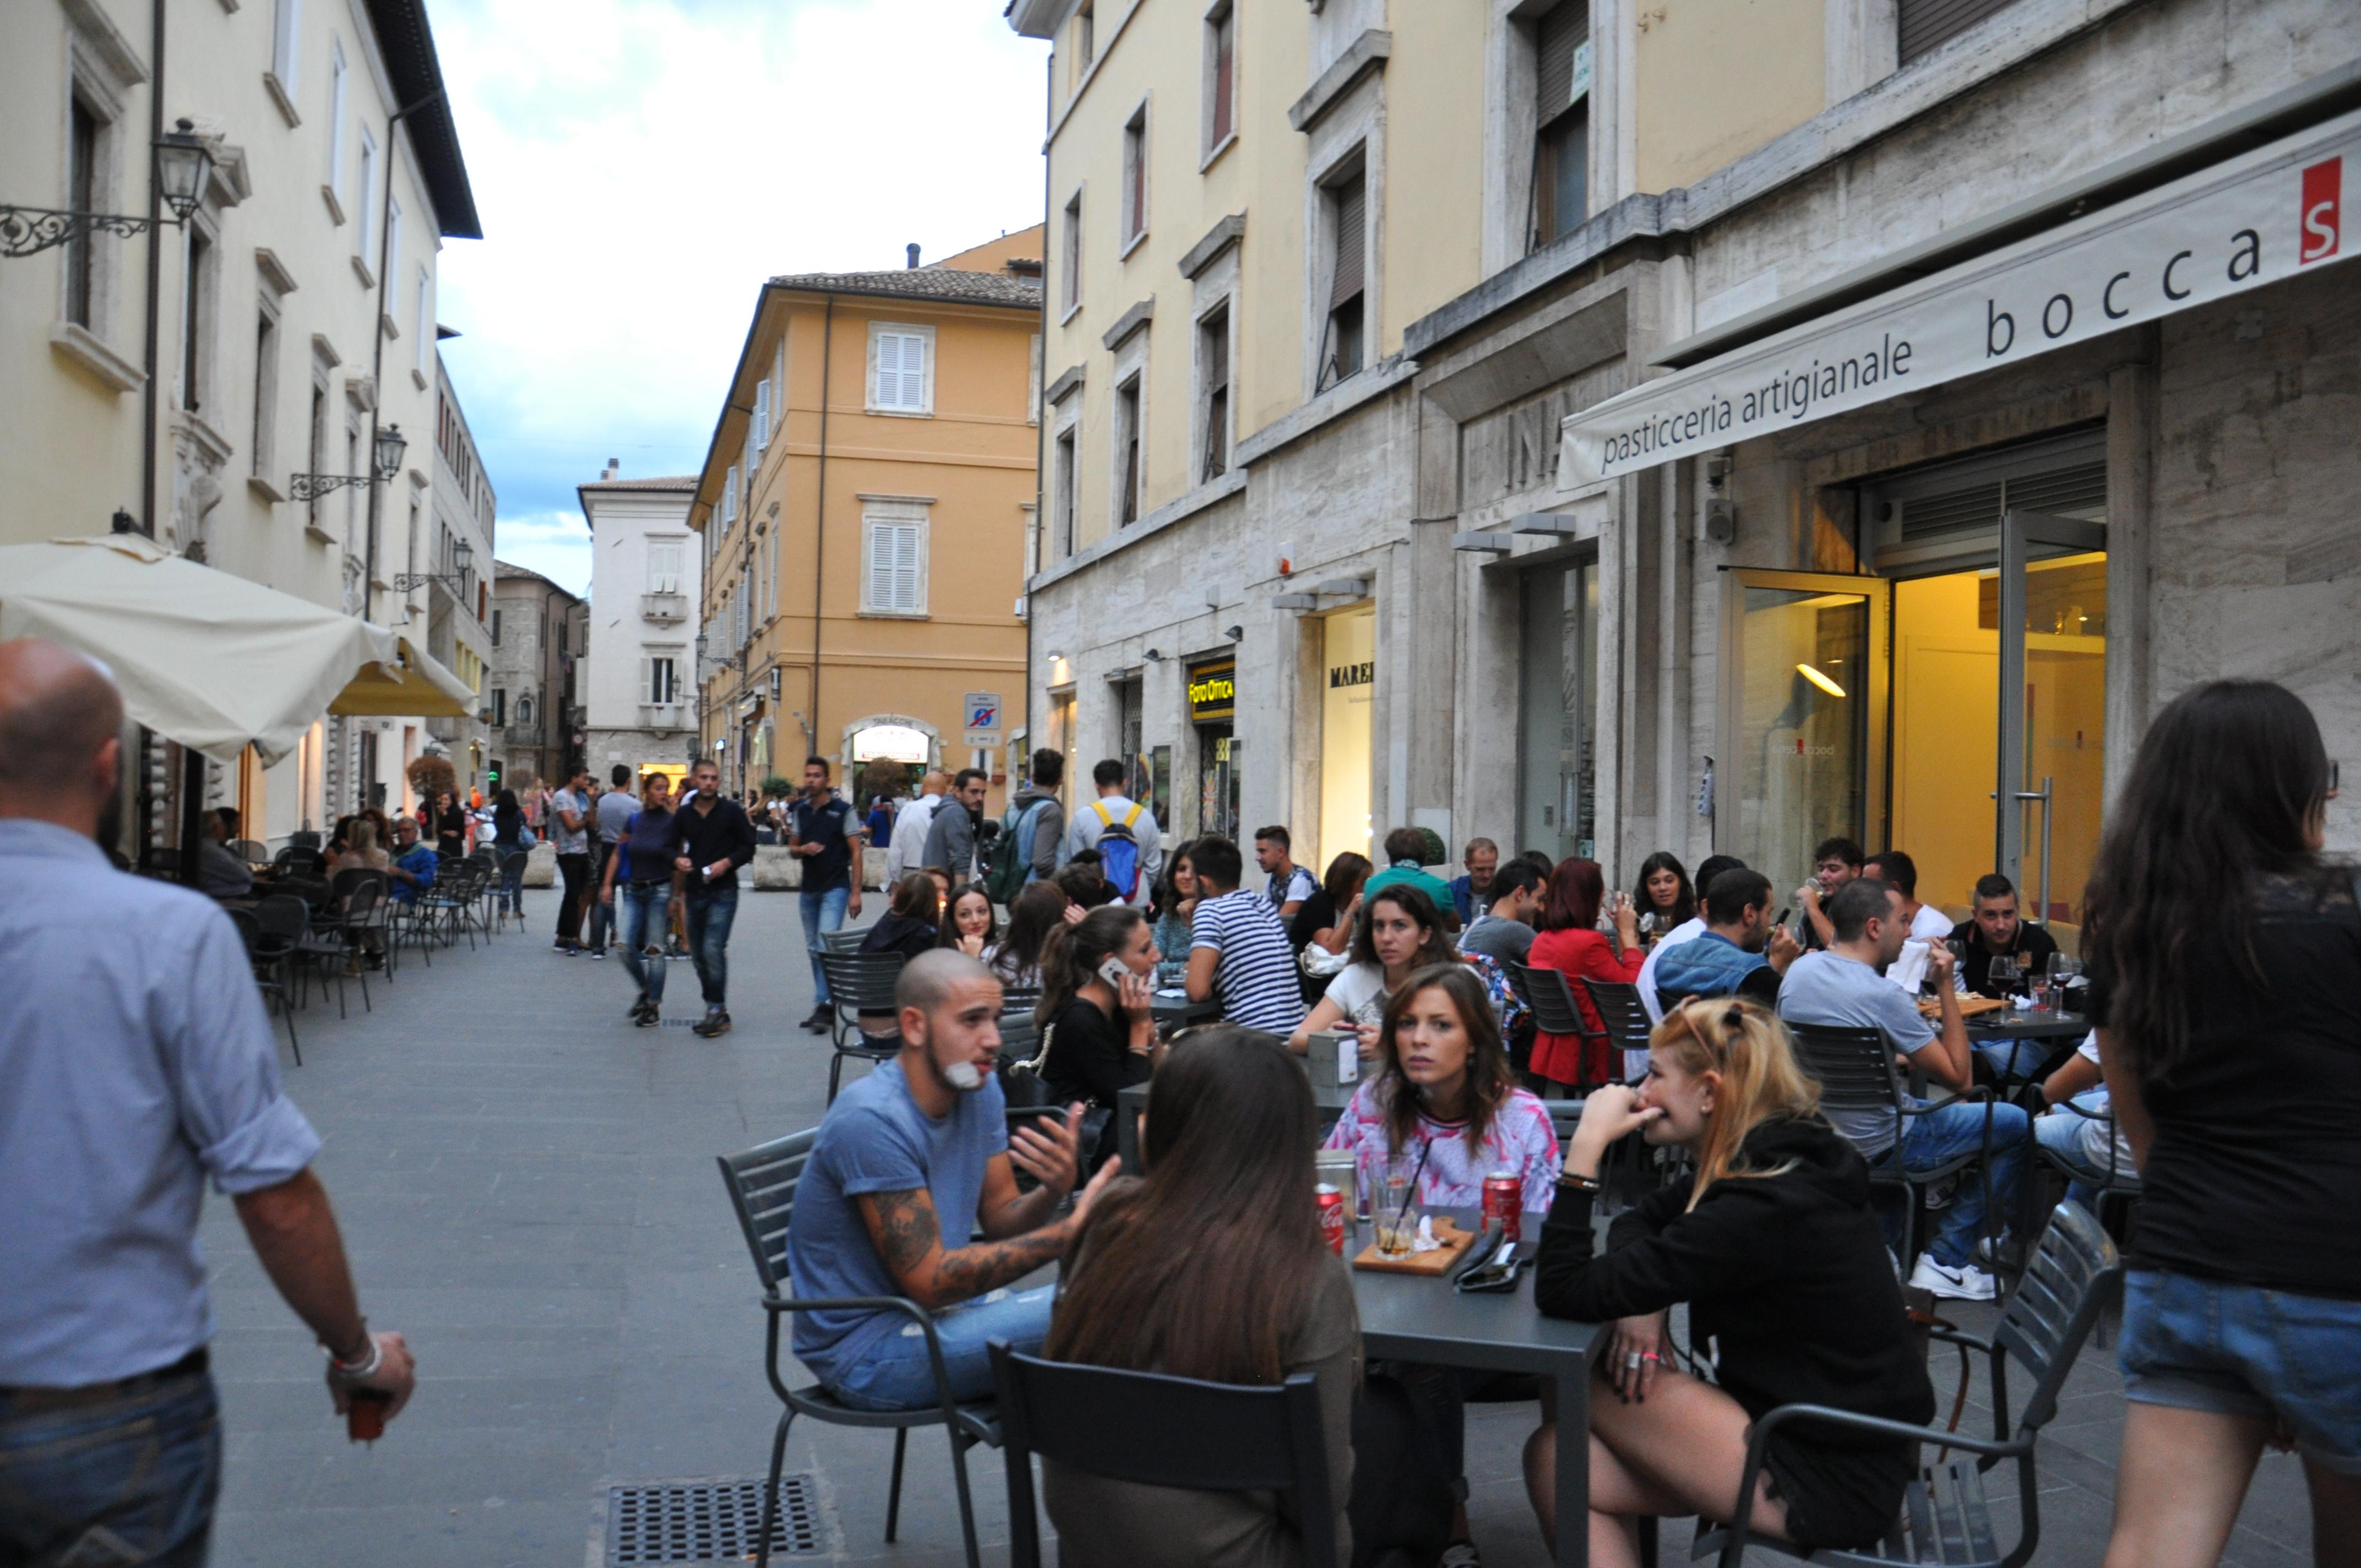 רחובות שהופכים בזמן פסטיבלים למדרחוב